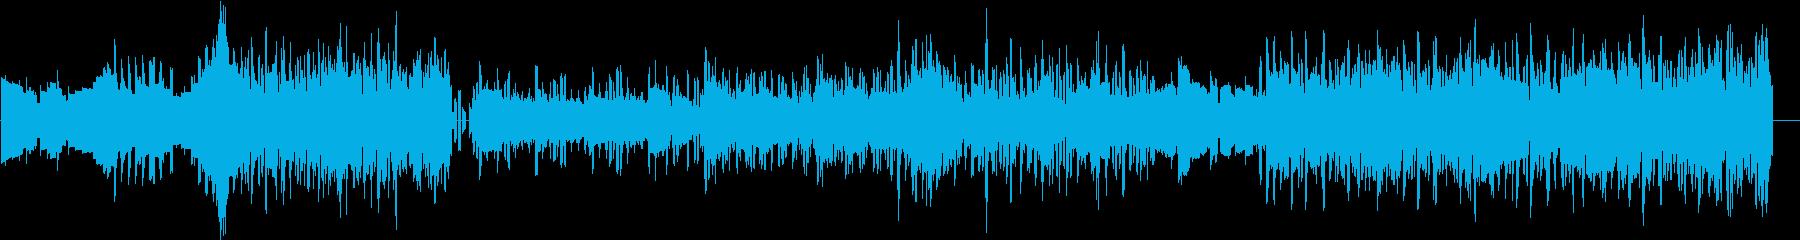 ちょっとおしゃれなチップチューンの再生済みの波形